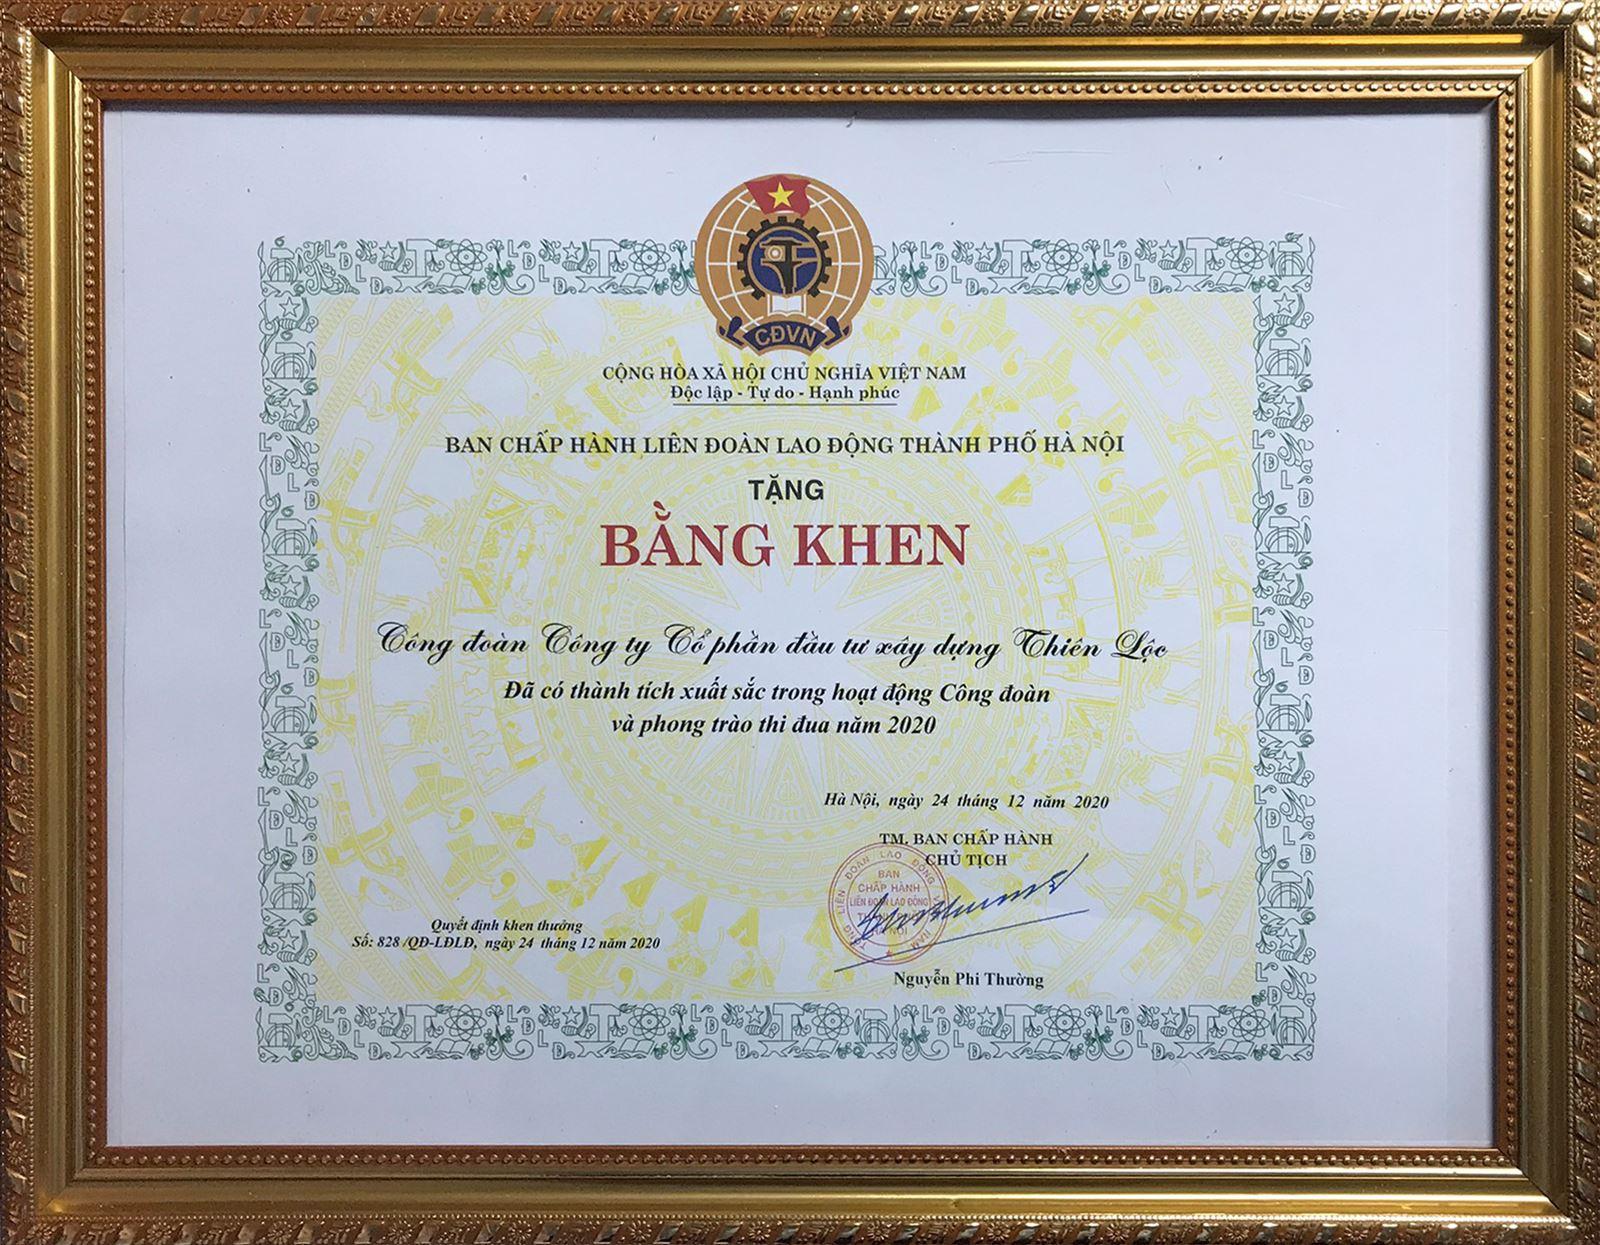 Bằng khen của LĐLĐ Thành phố Hà Nội tặng Công ty Cổ phần Đầu tư Xây dựng Thiên Lộc vì đã có thành tích xuất sắc trong hoạt động Công đoàn và phong trào thi đua năm 2020